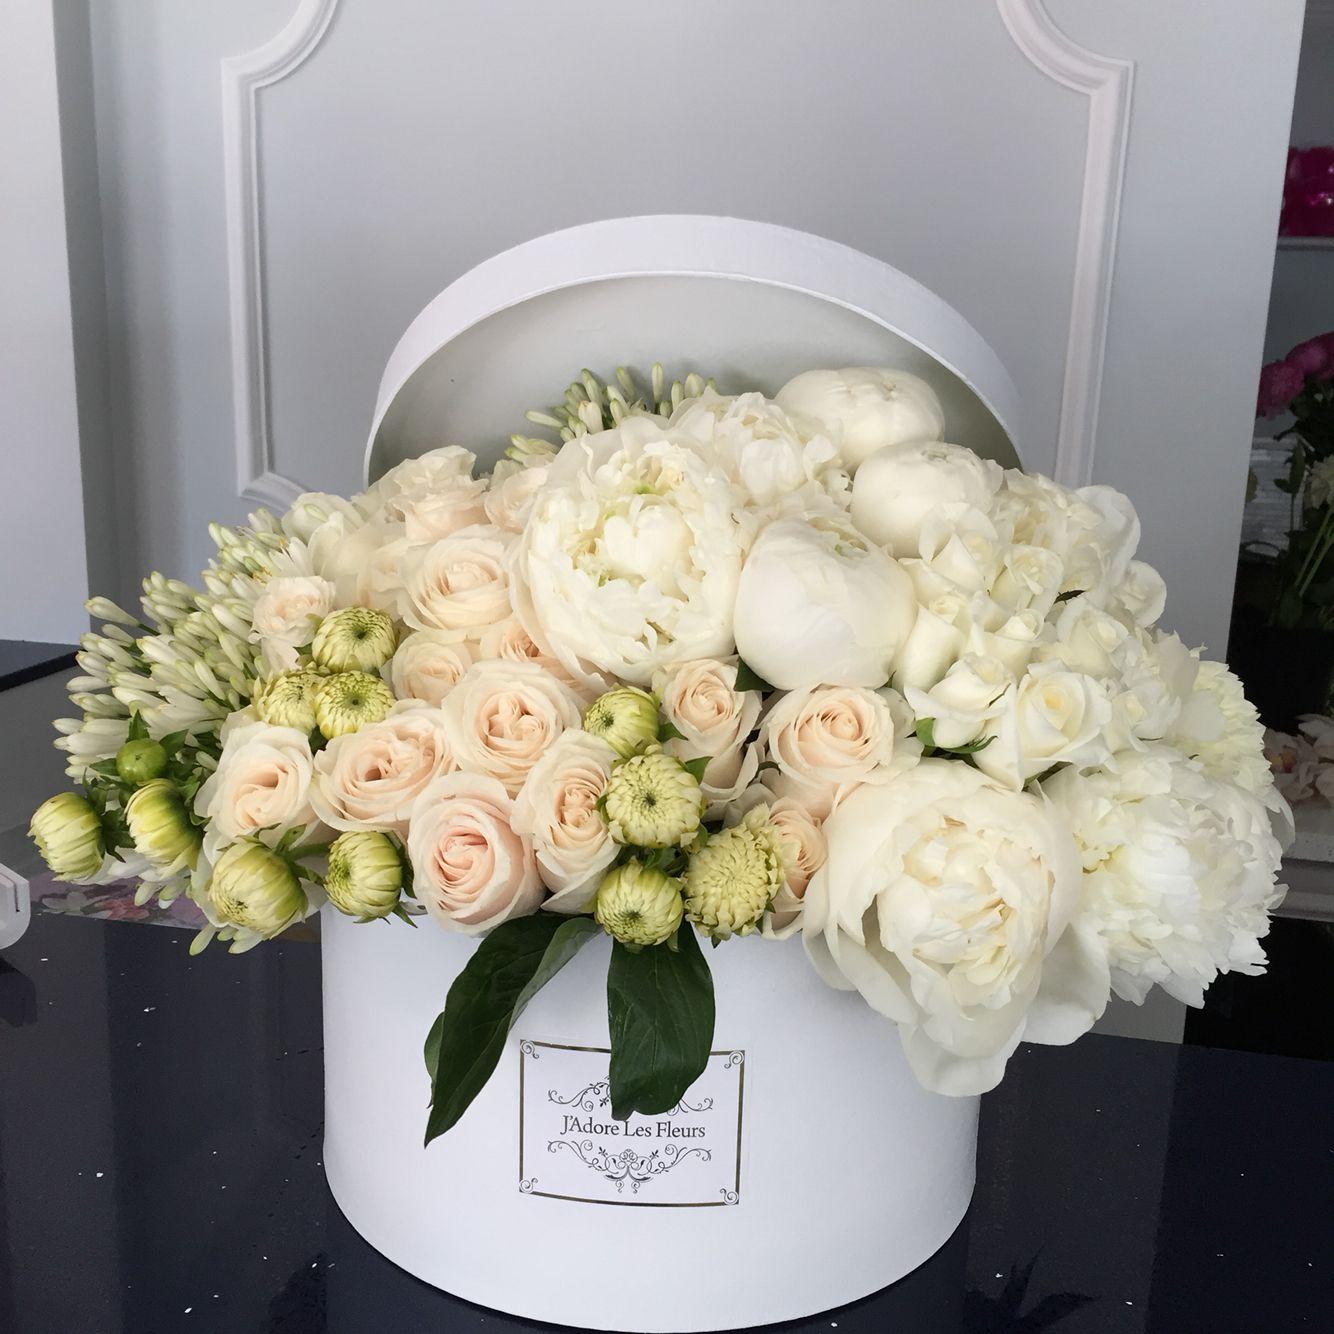 J Adore Les Fleurs Fleurs Beau Bouquet De Fleurs Bouquet De Fleurs